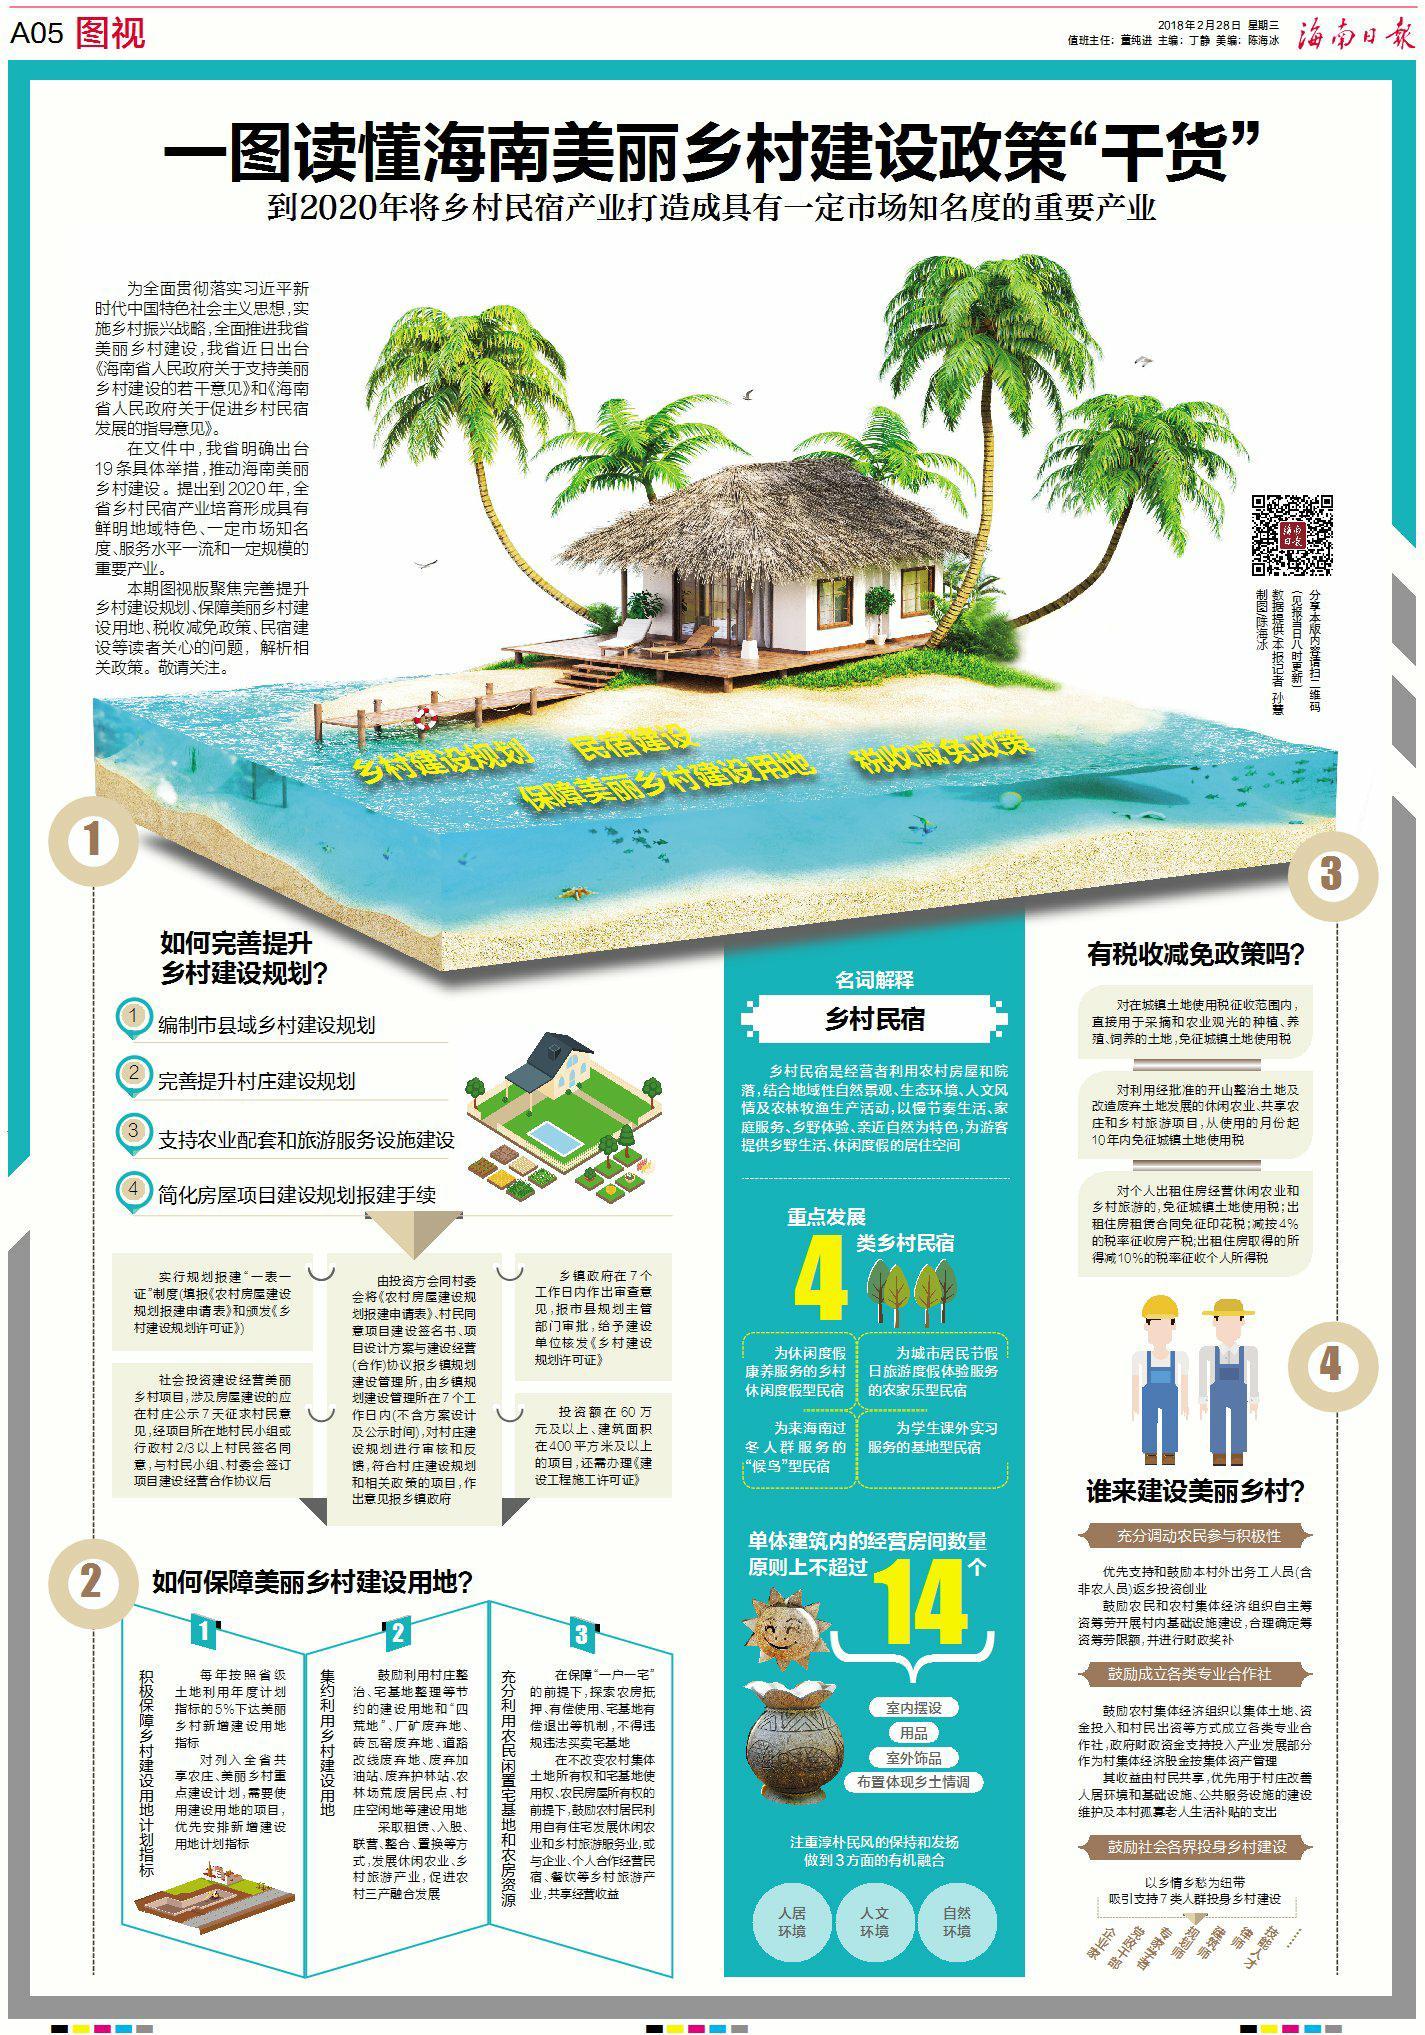 南海网 新闻中心 海南新闻 海南经济    一图读懂海南美丽乡村建设